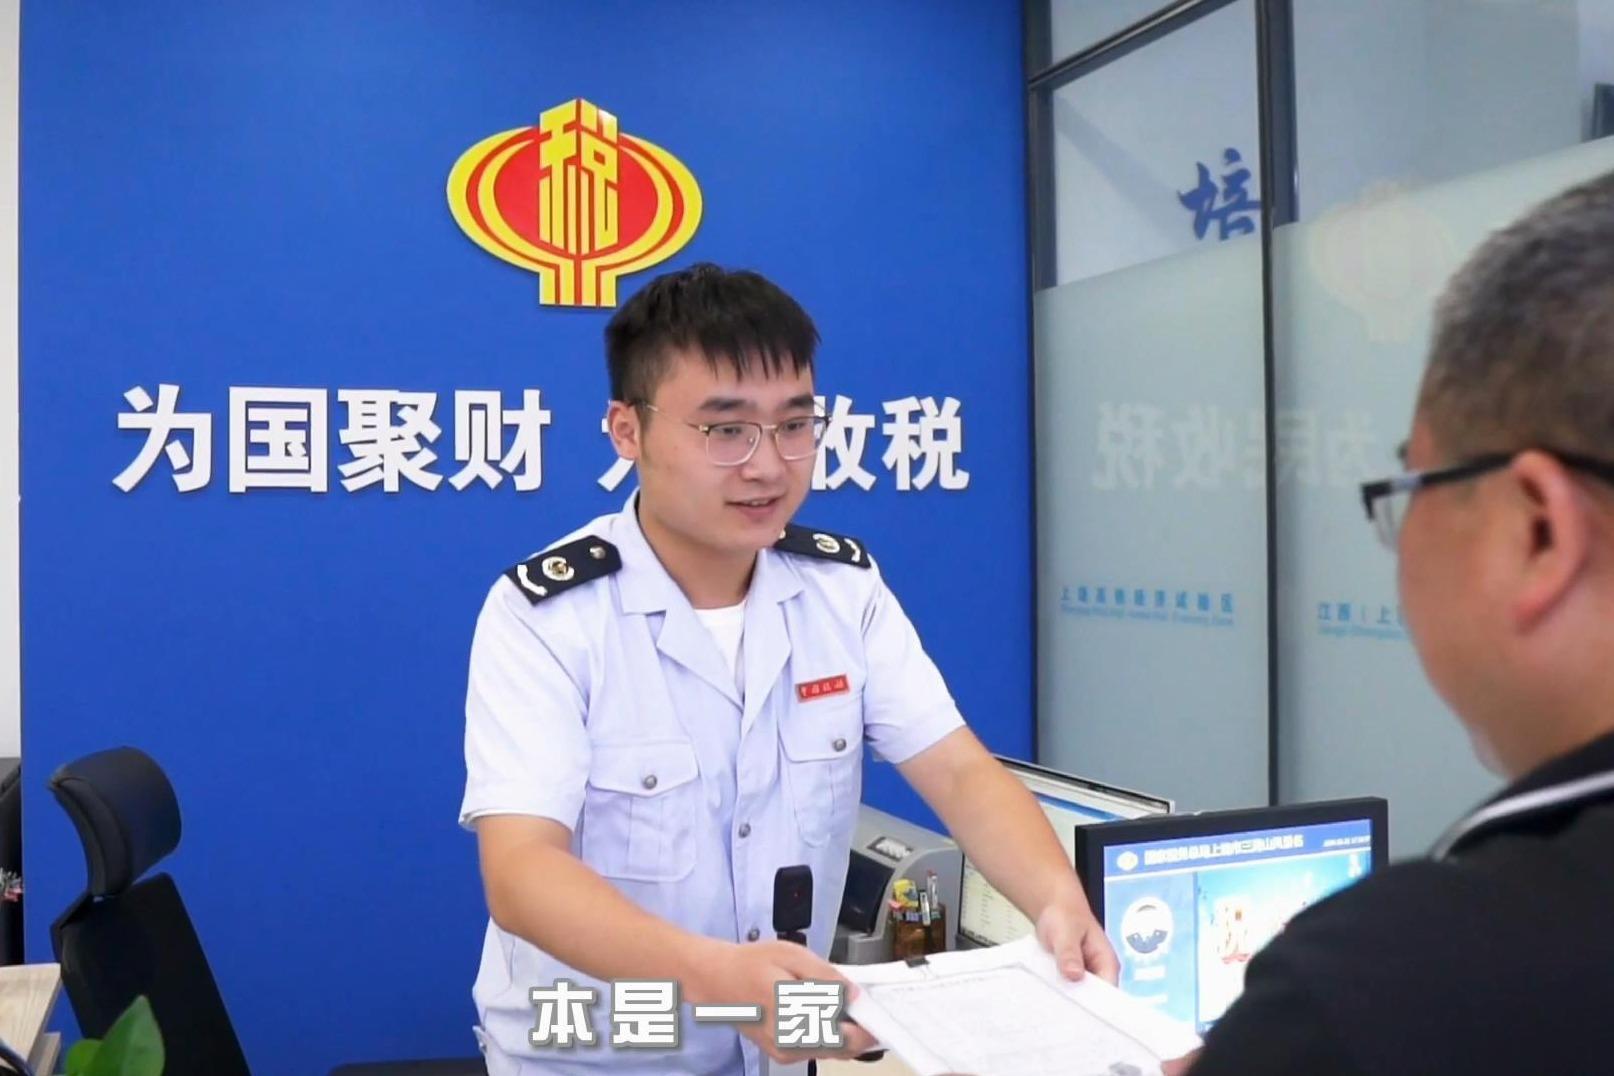 上饶市三清山风景名胜区税务局电视作品《税企 税企》